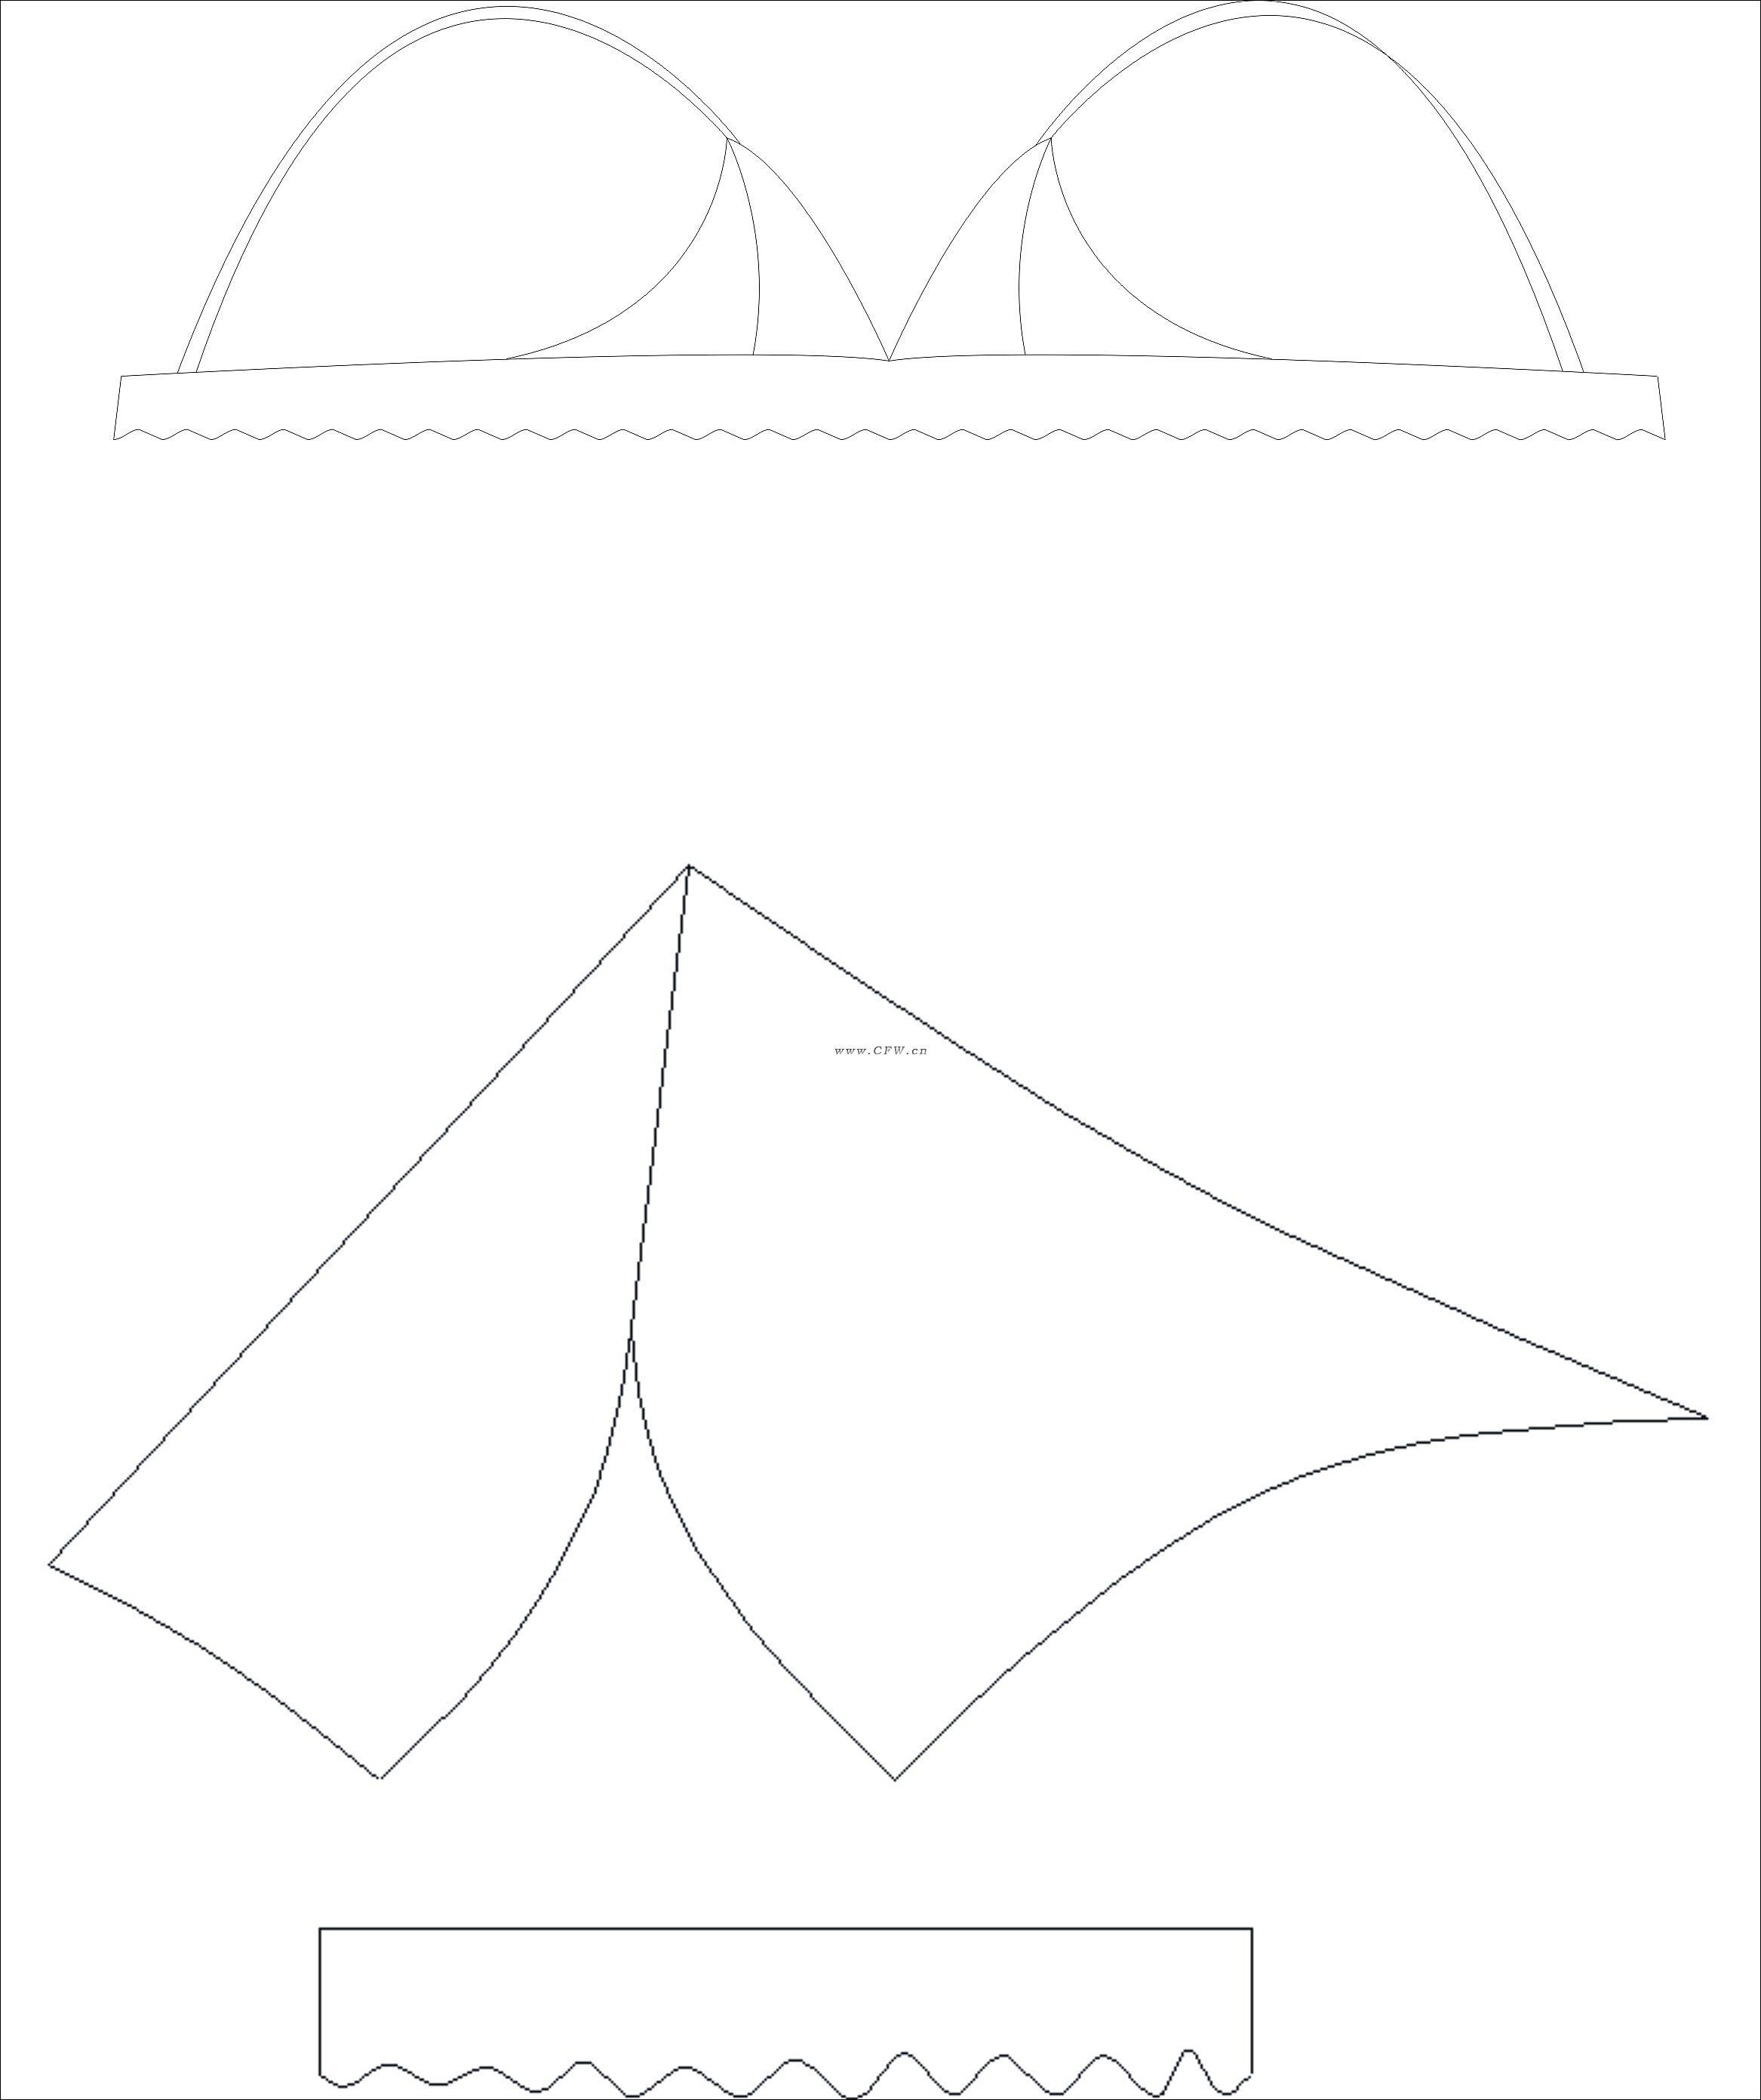 内衣/家居设计-内衣/家居设计图-内衣/家居款式效果图